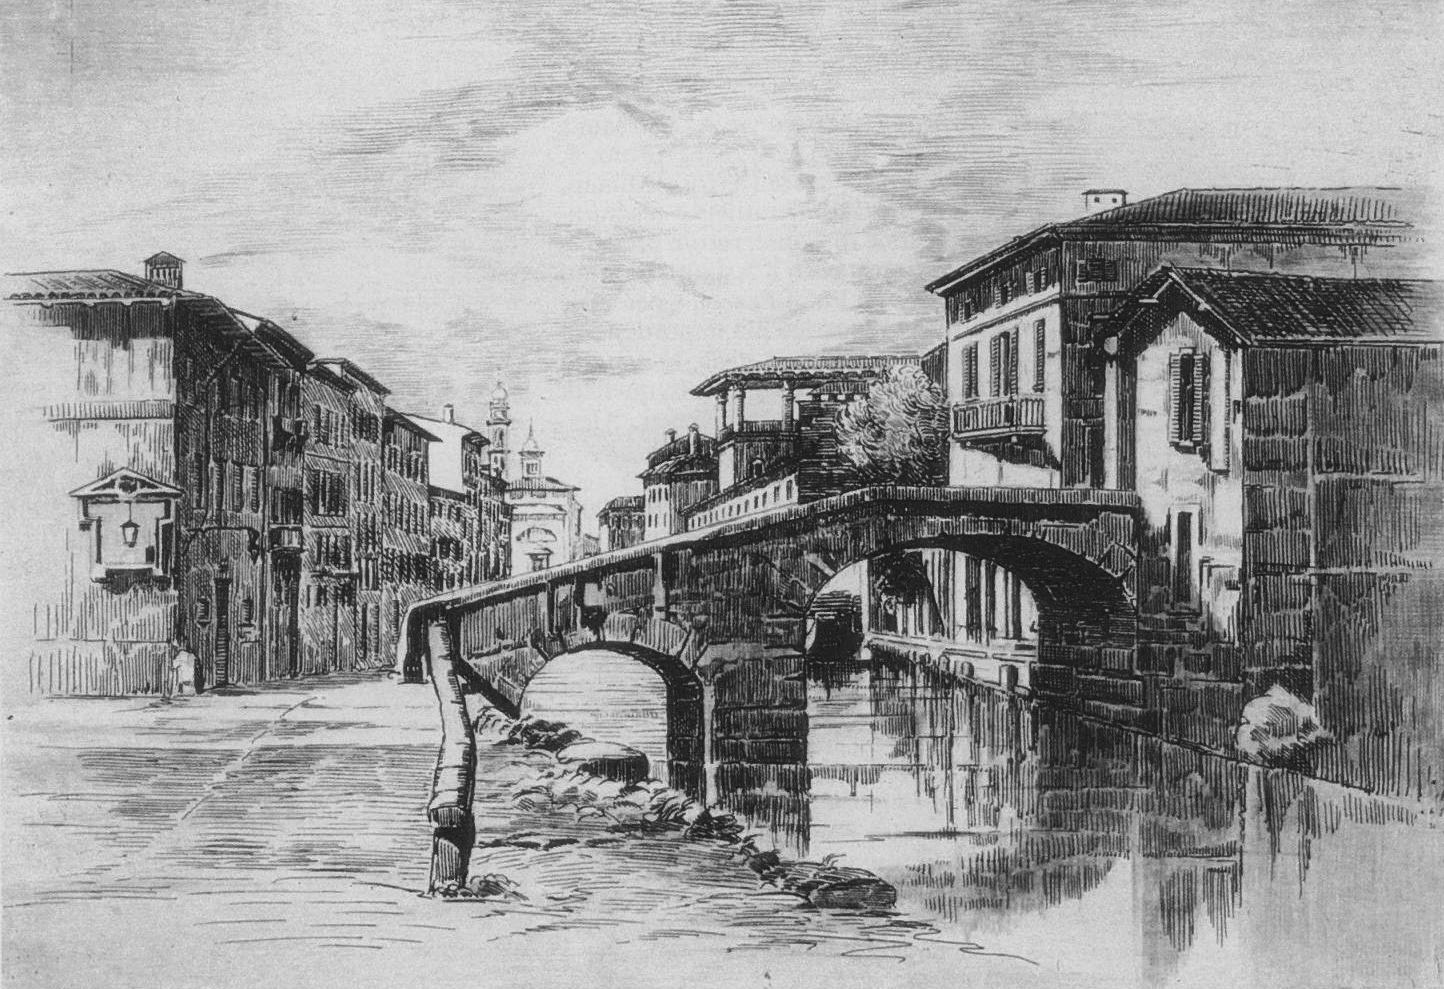 Il Ponte delle Pioppette